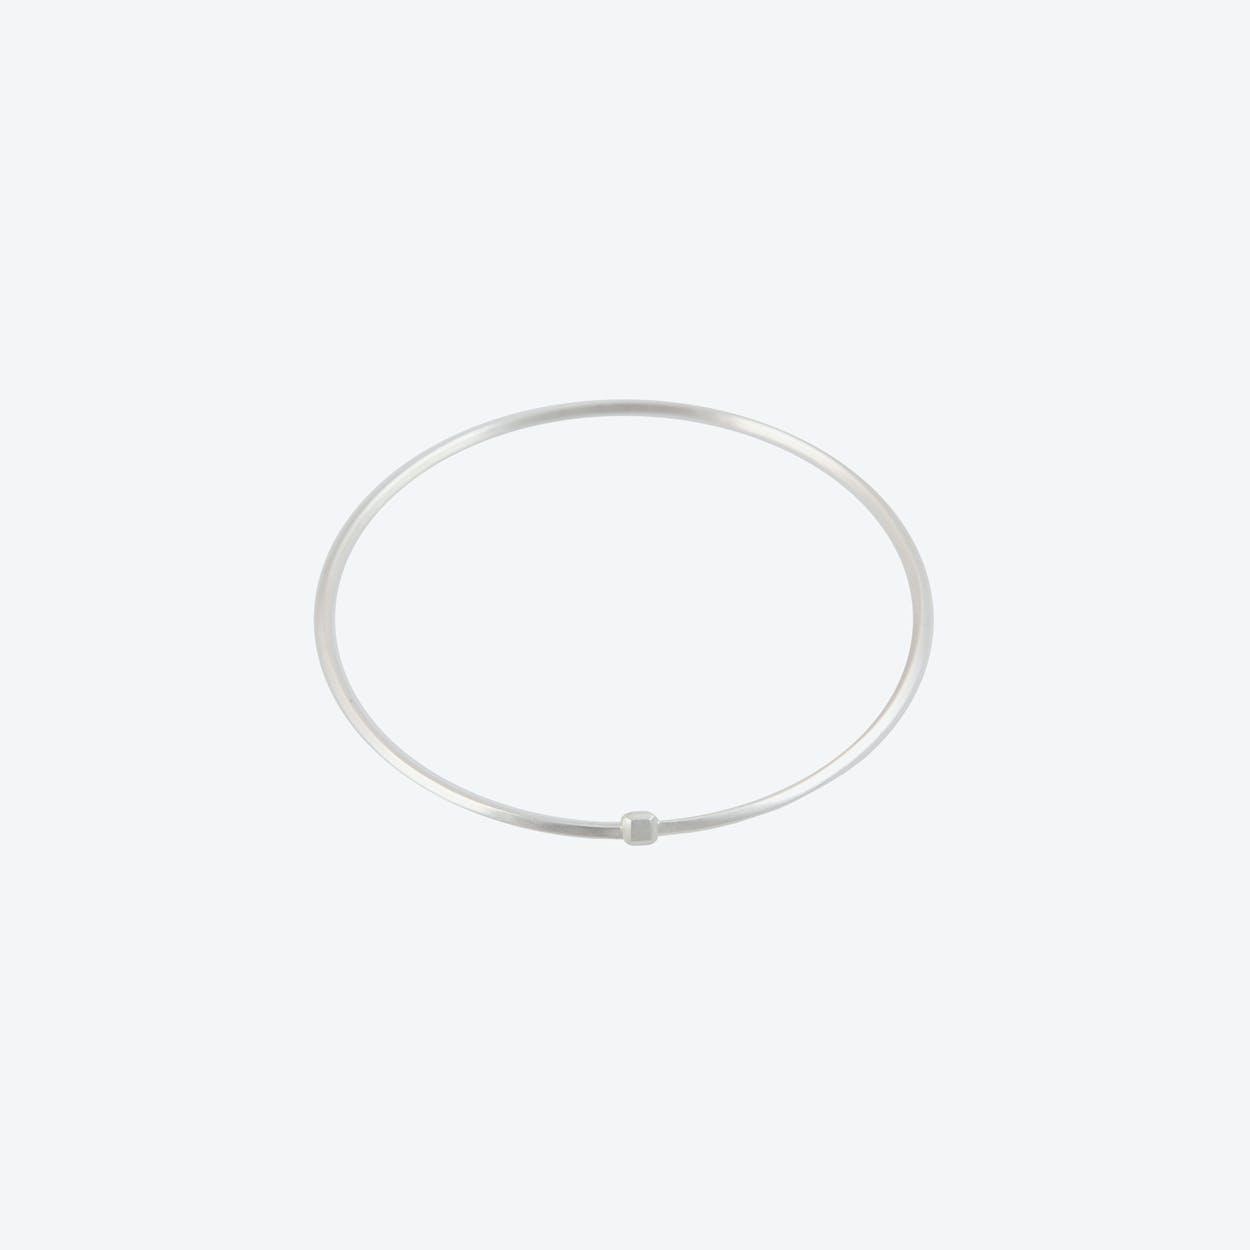 Single Square Bracelet in Sterling Silver